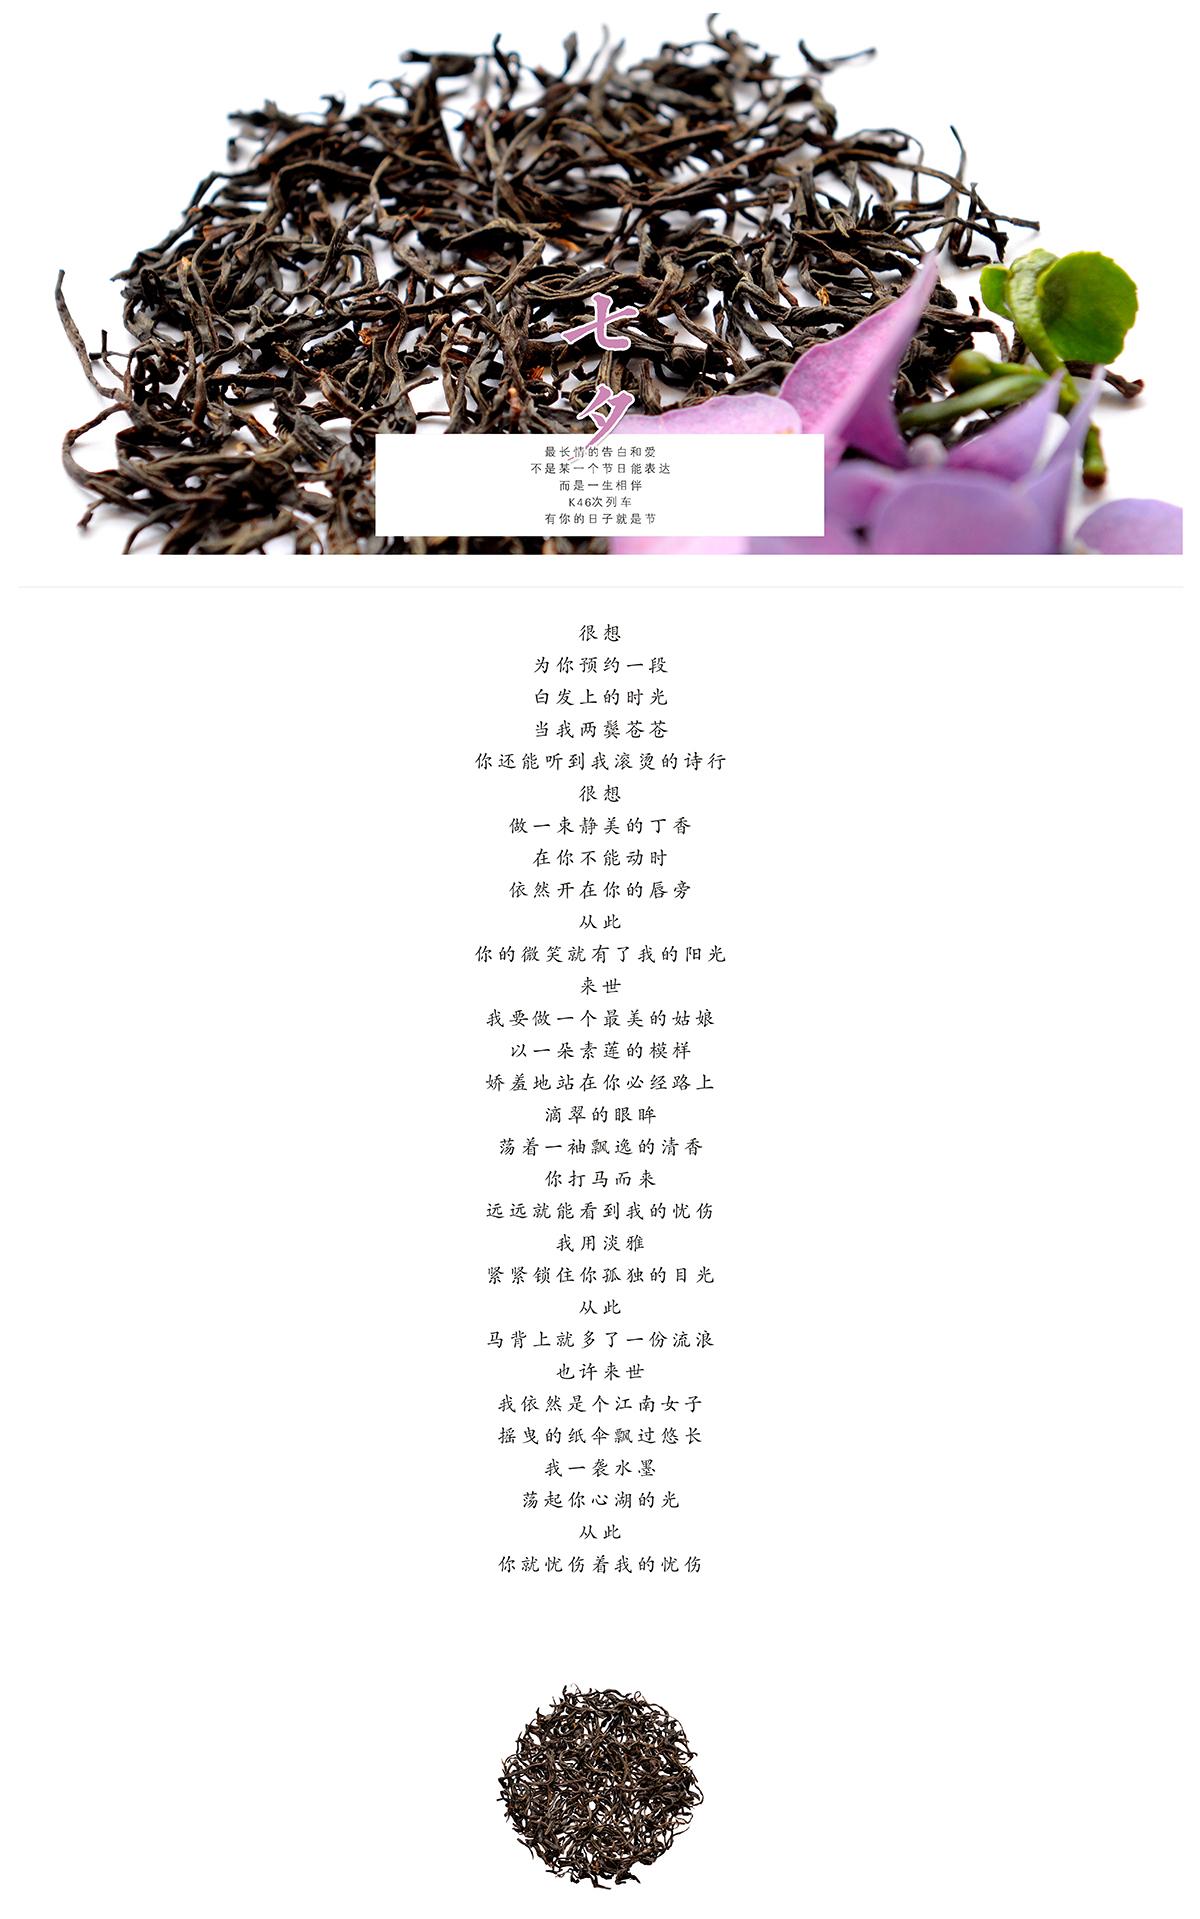 优茶季 - 此茶有毒,唯解相思